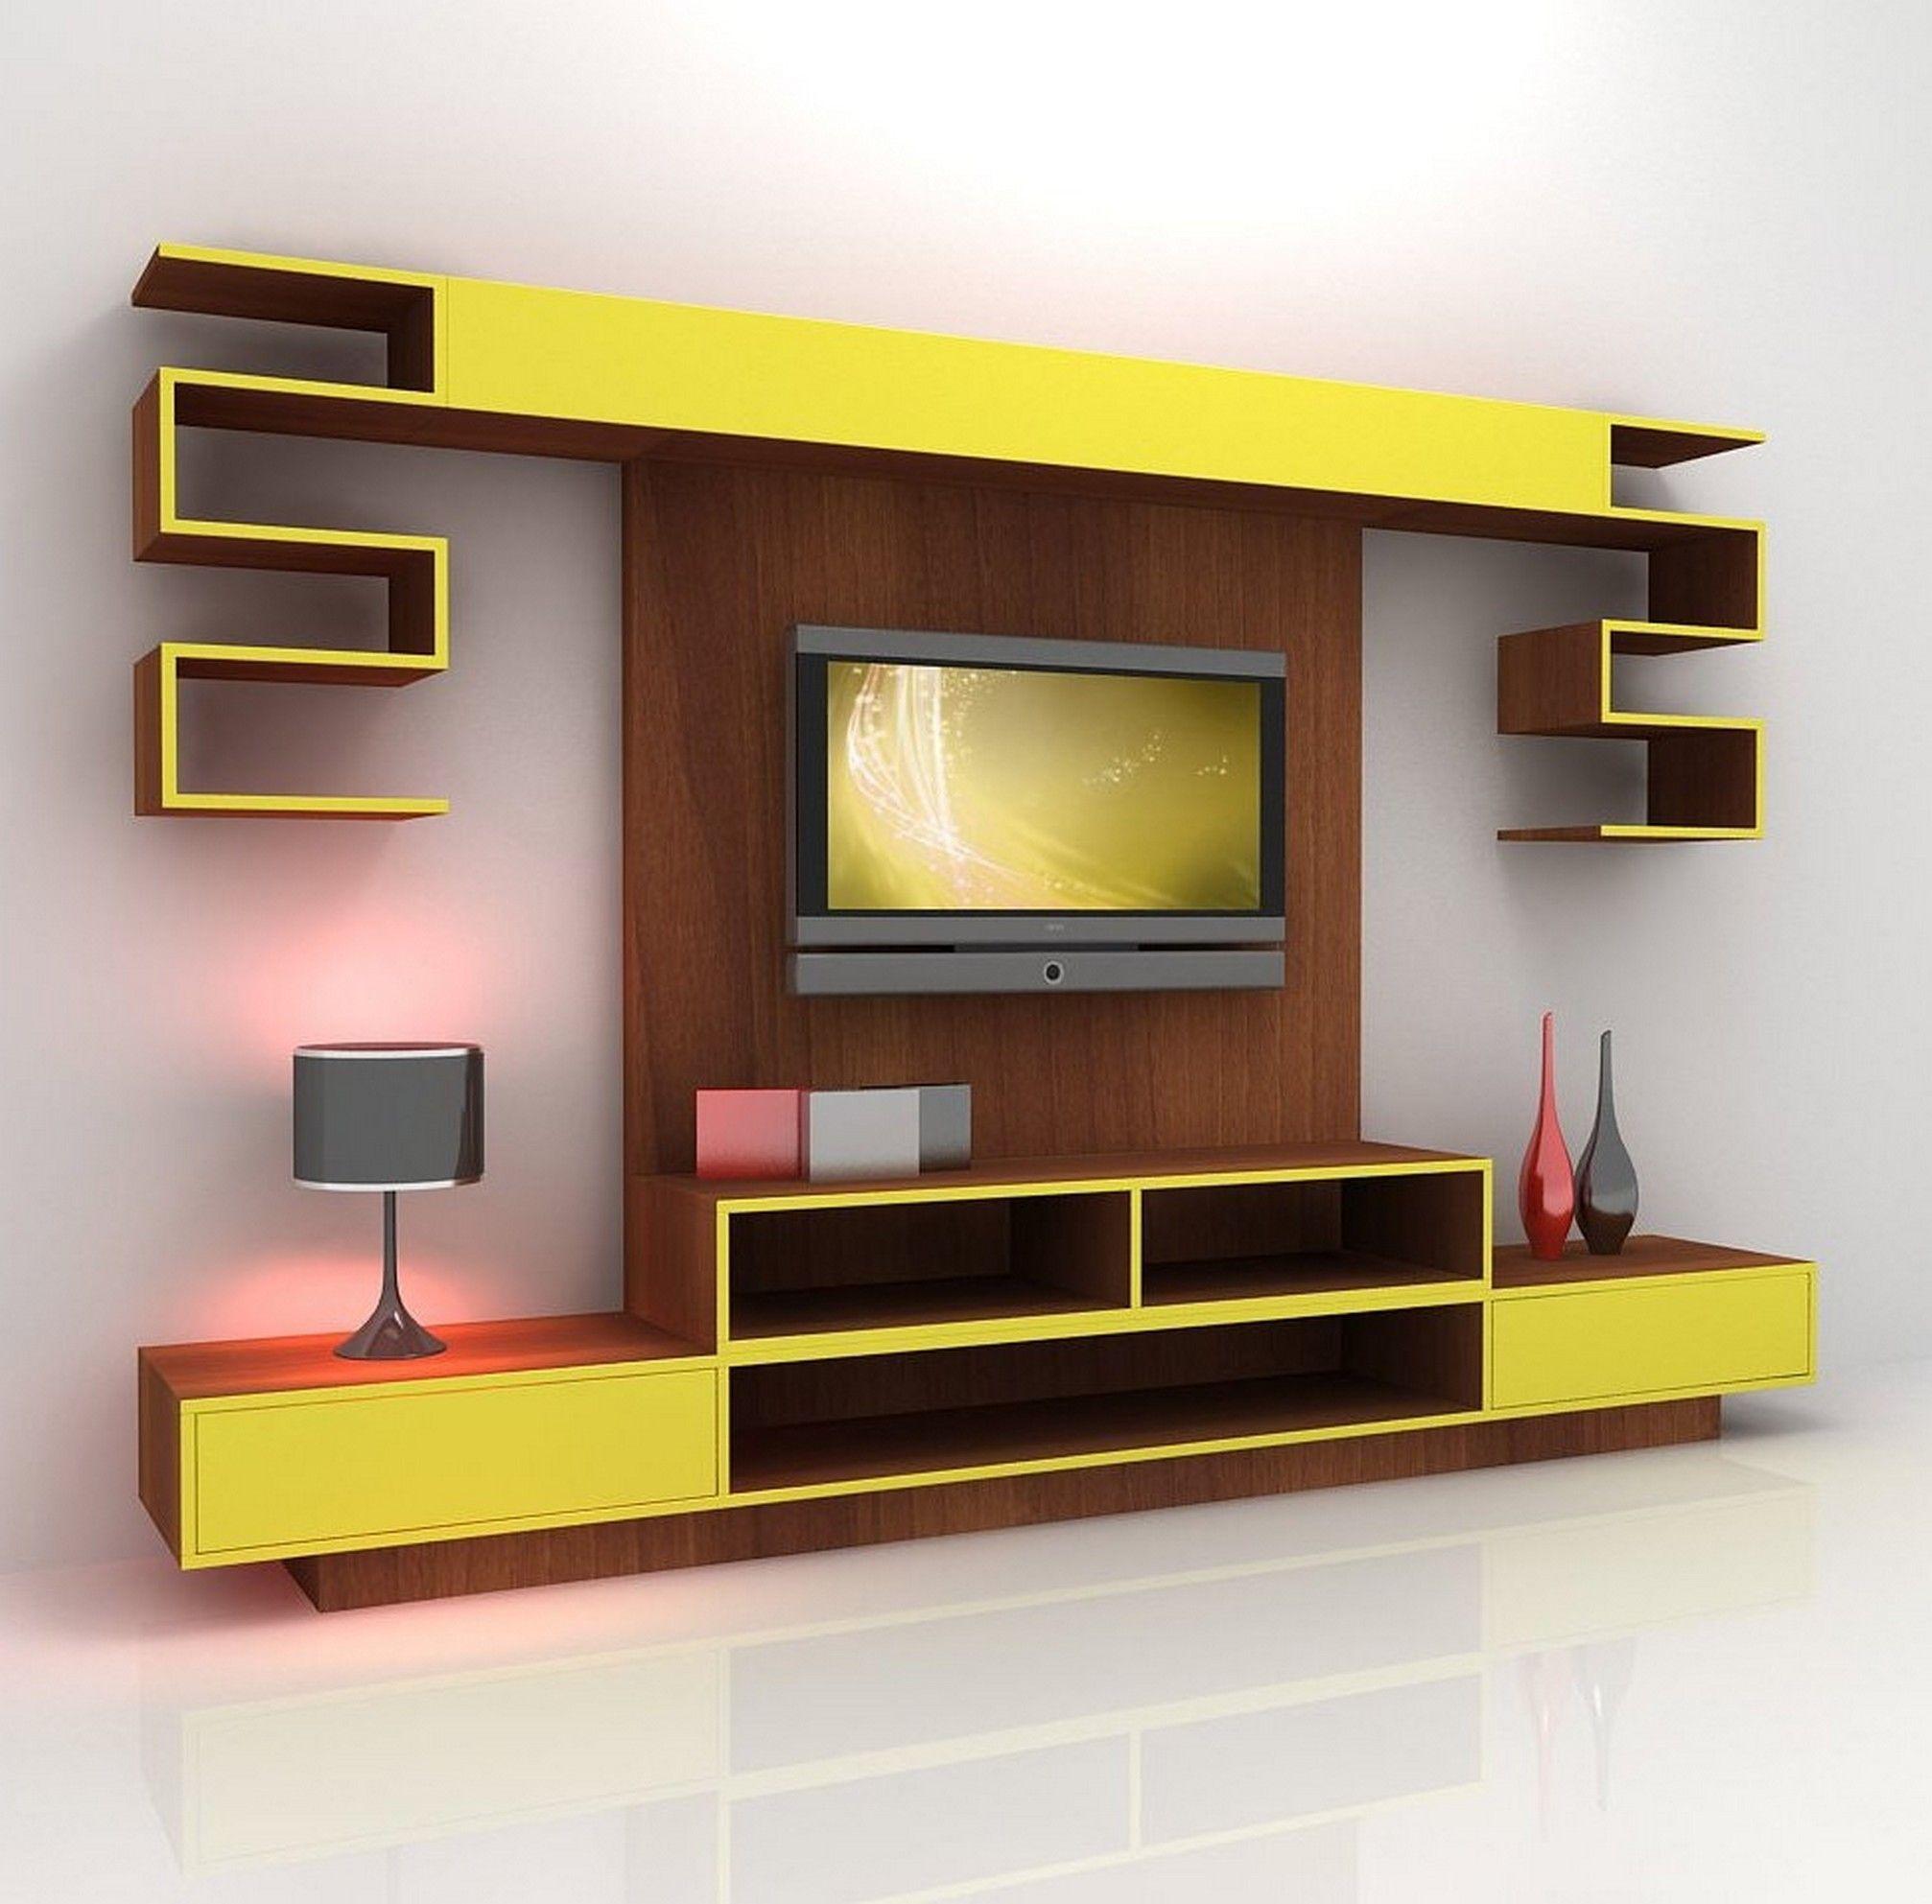 Interior: Modern And Futuristic TV Console Design With ...